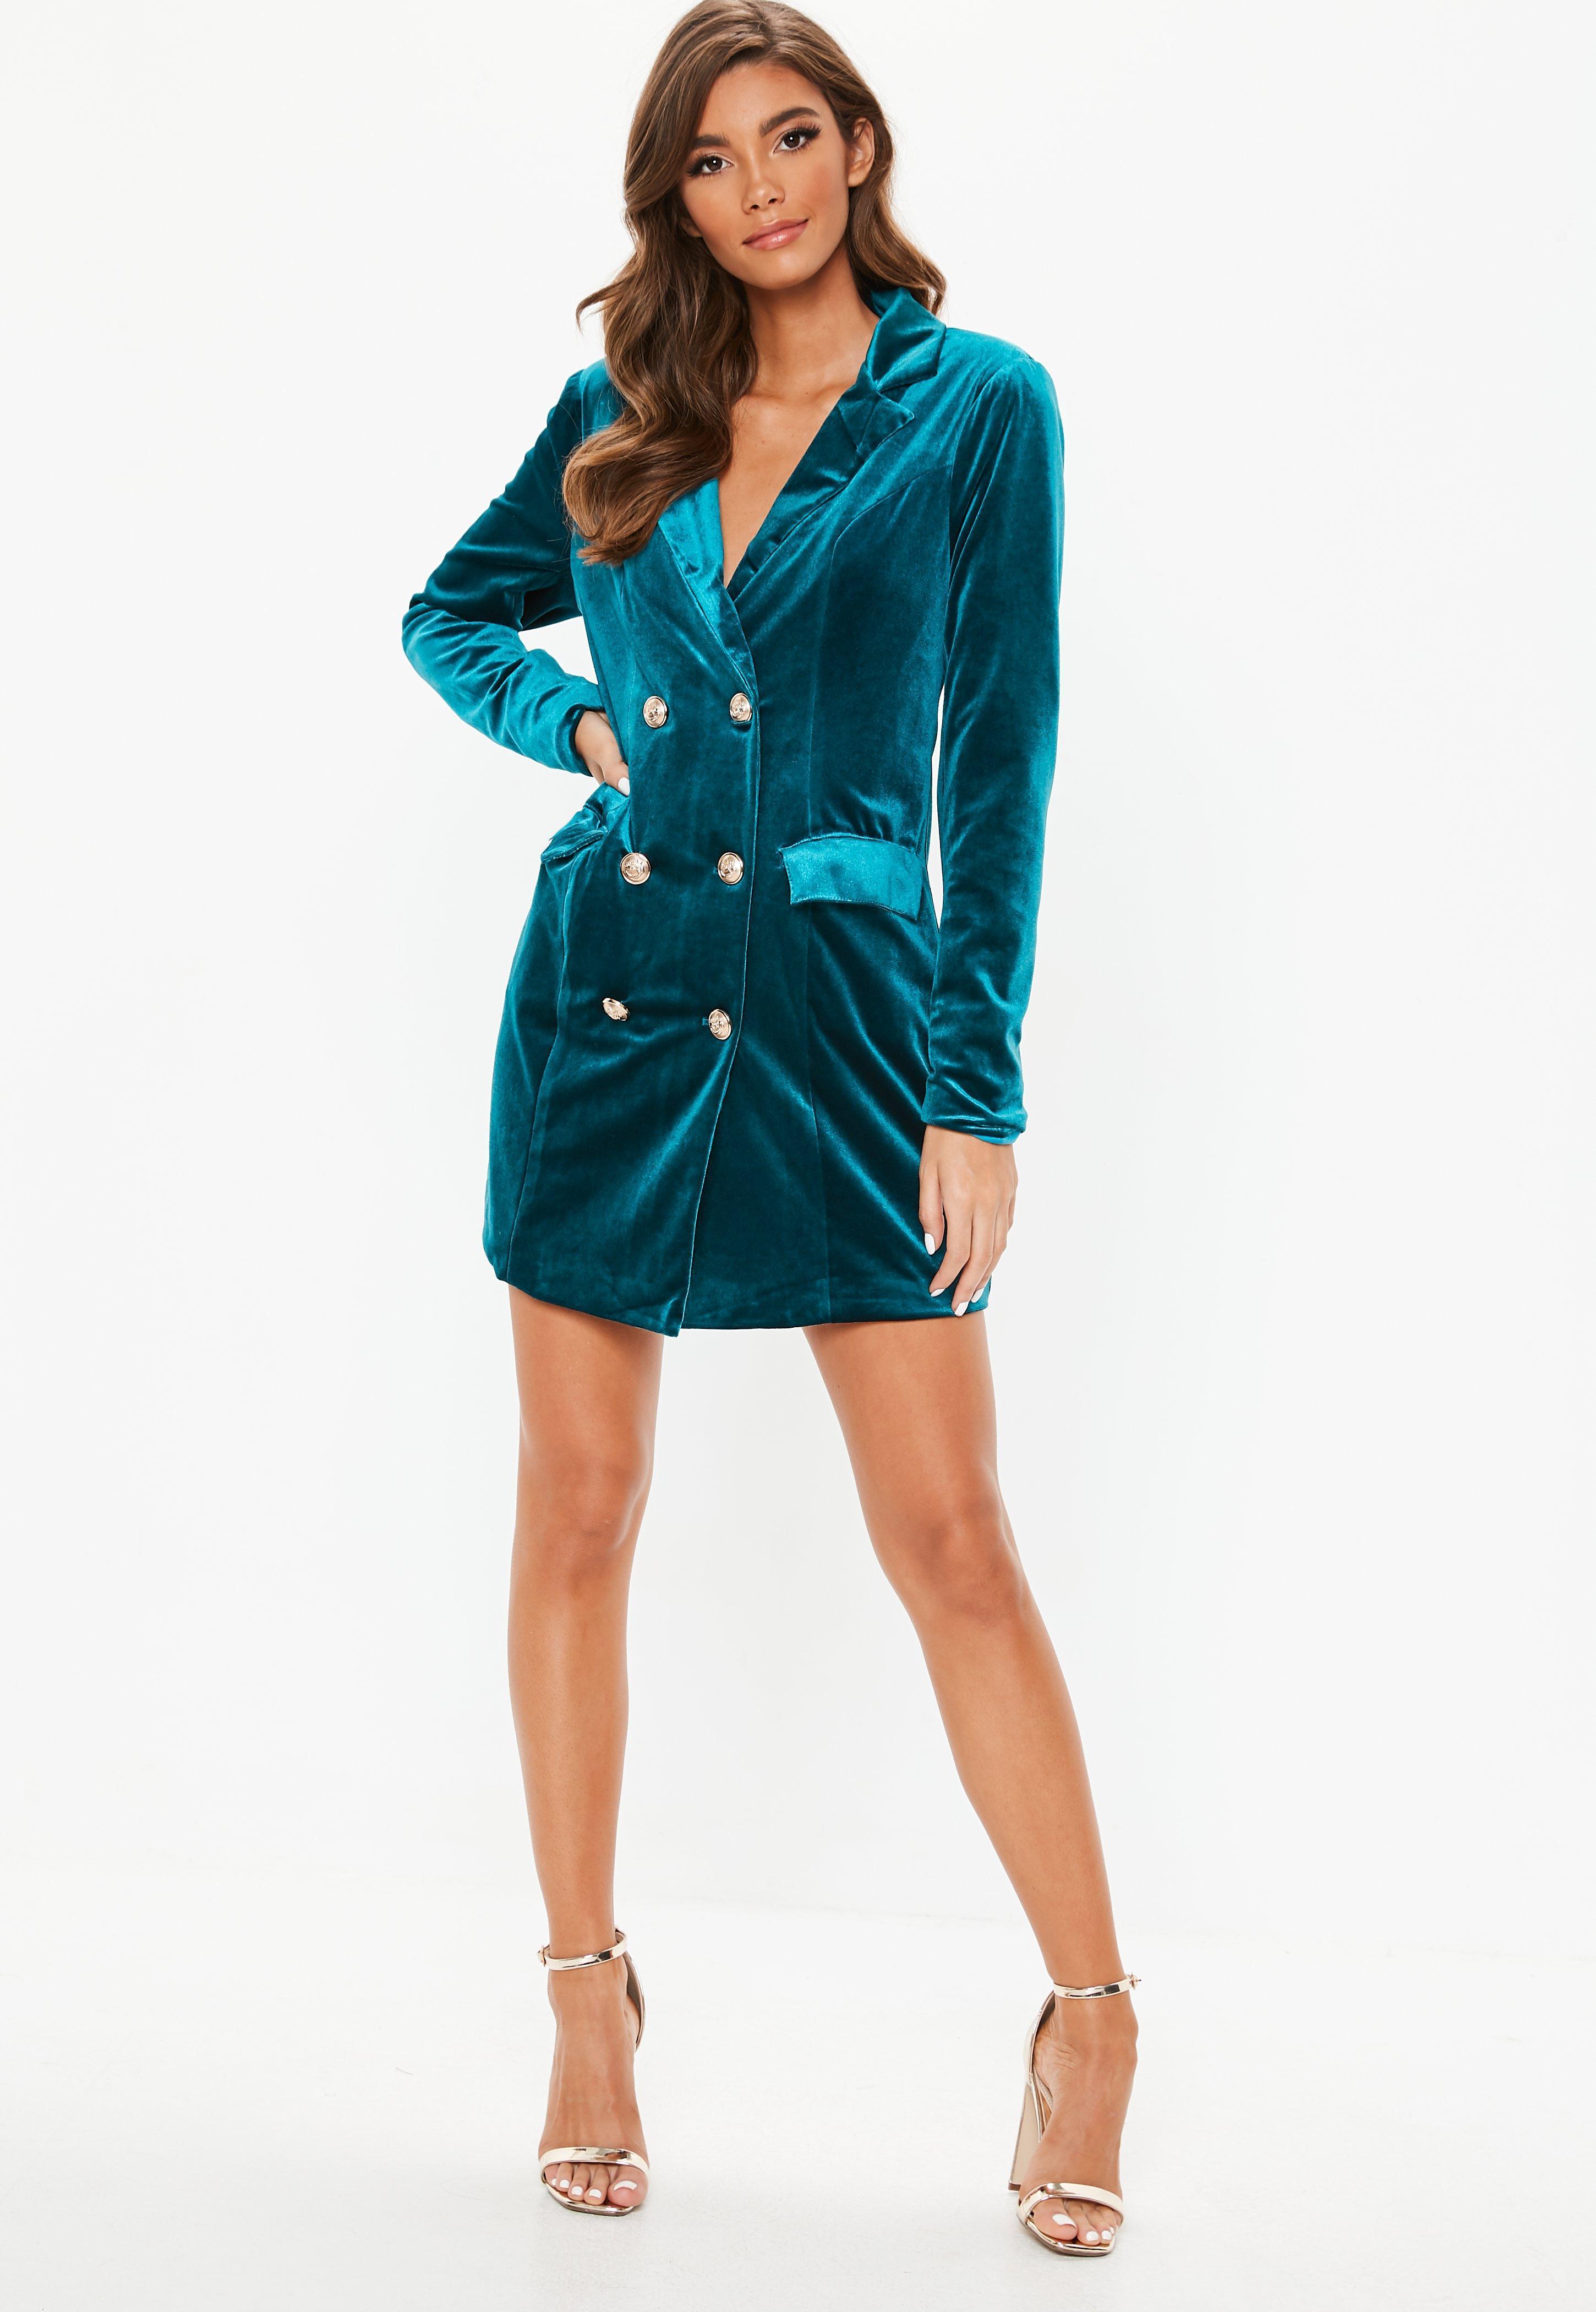 66d48e53c579 Missguided - Blue Teal Velvet Double Breasted Blazer Dress - Lyst. View  fullscreen